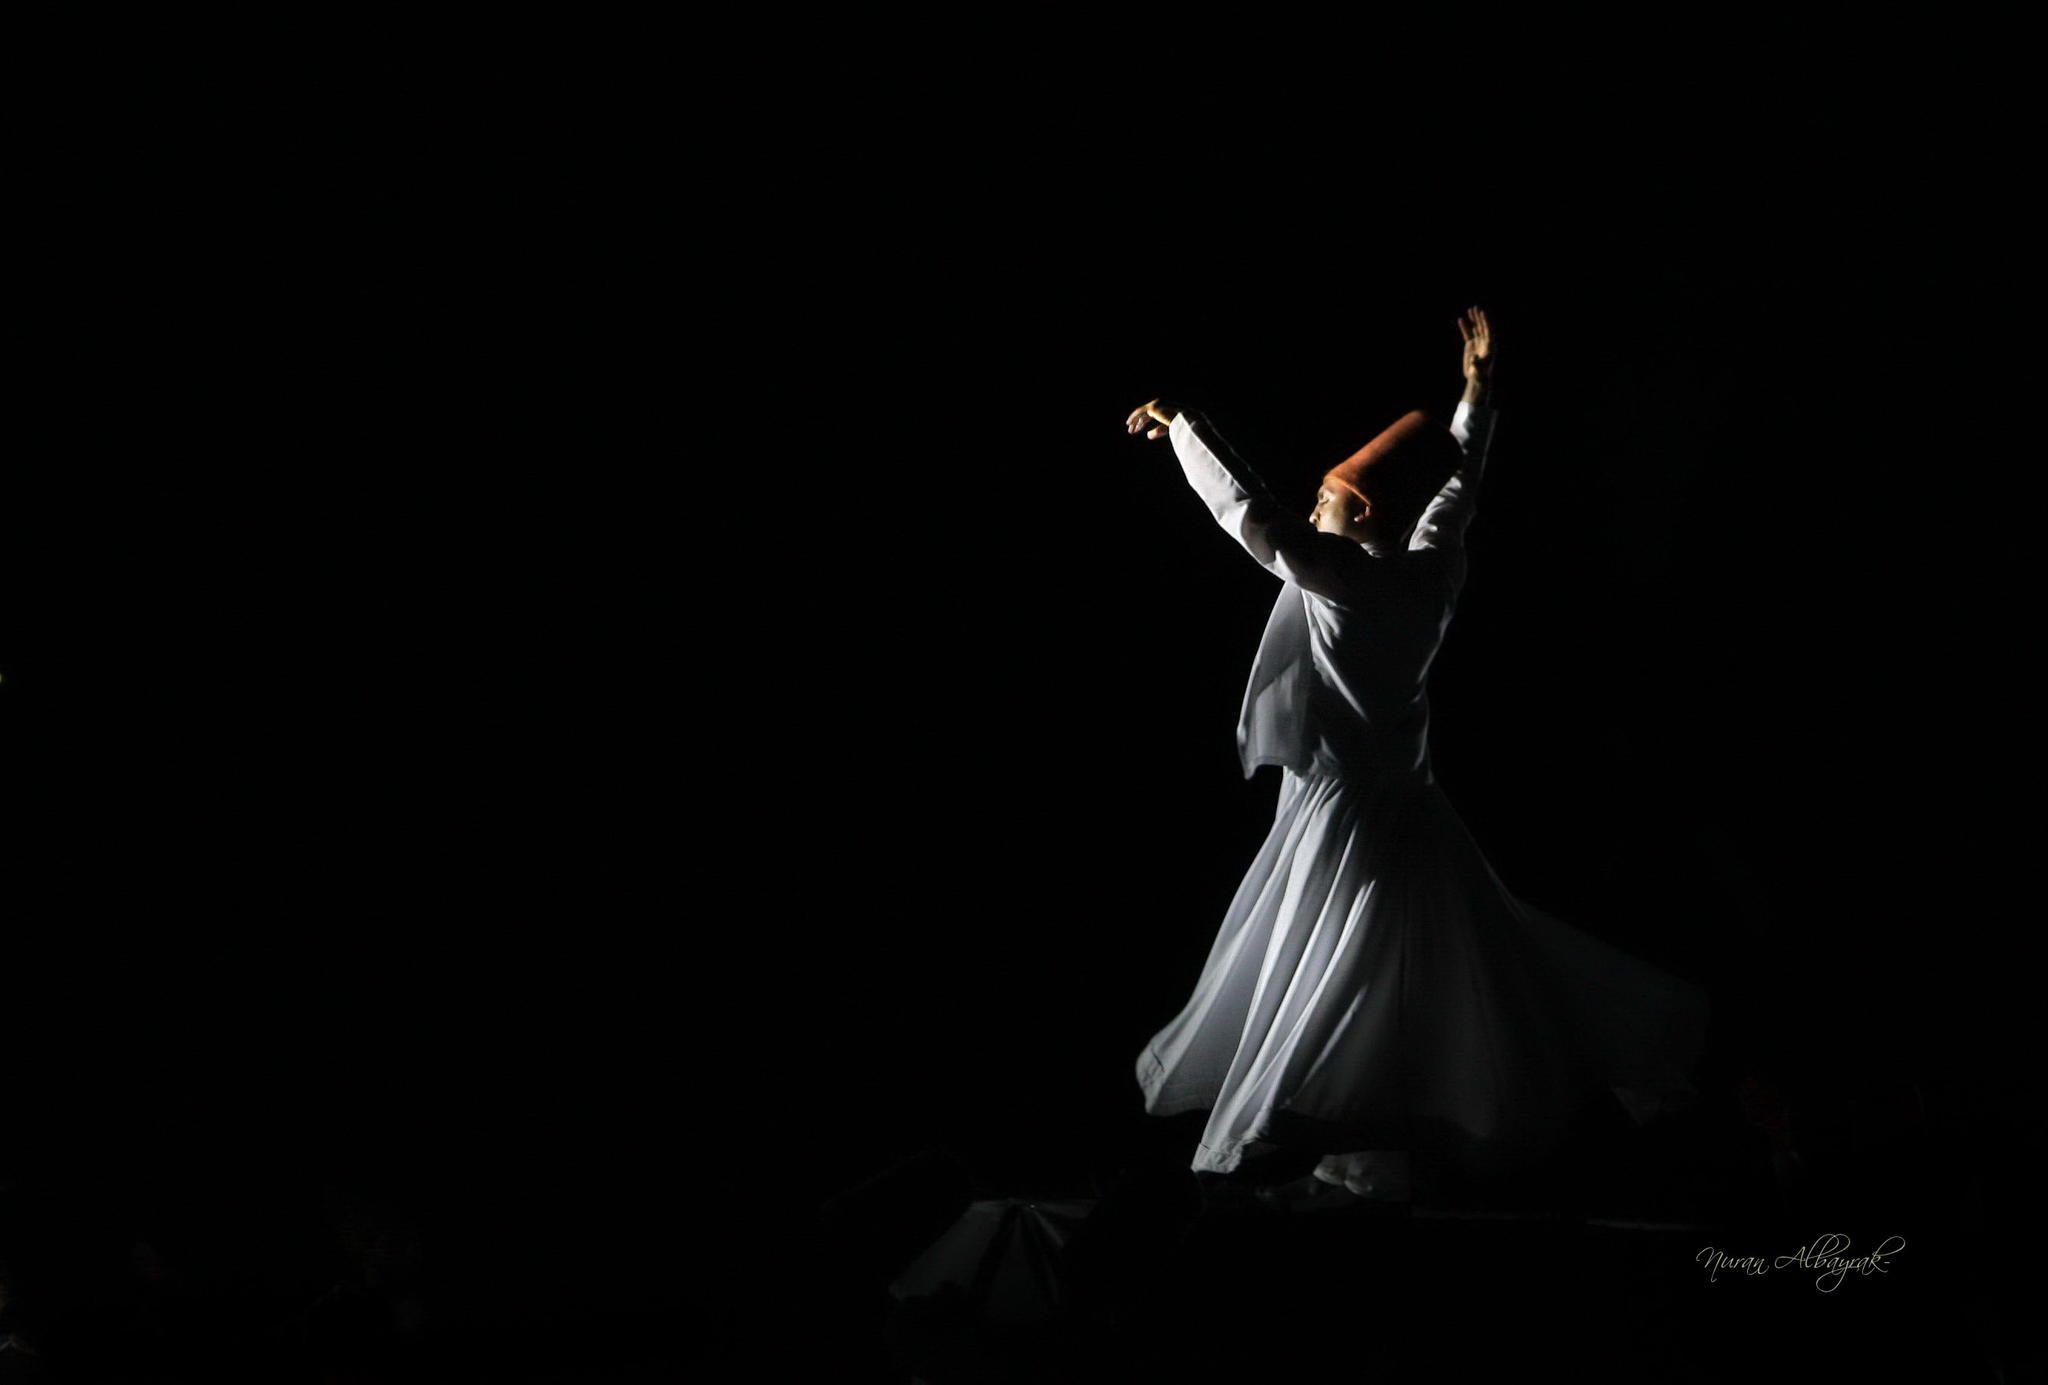 Rumi - khi thơ ca tuôn chảy, thế gian ngưng đổ máu